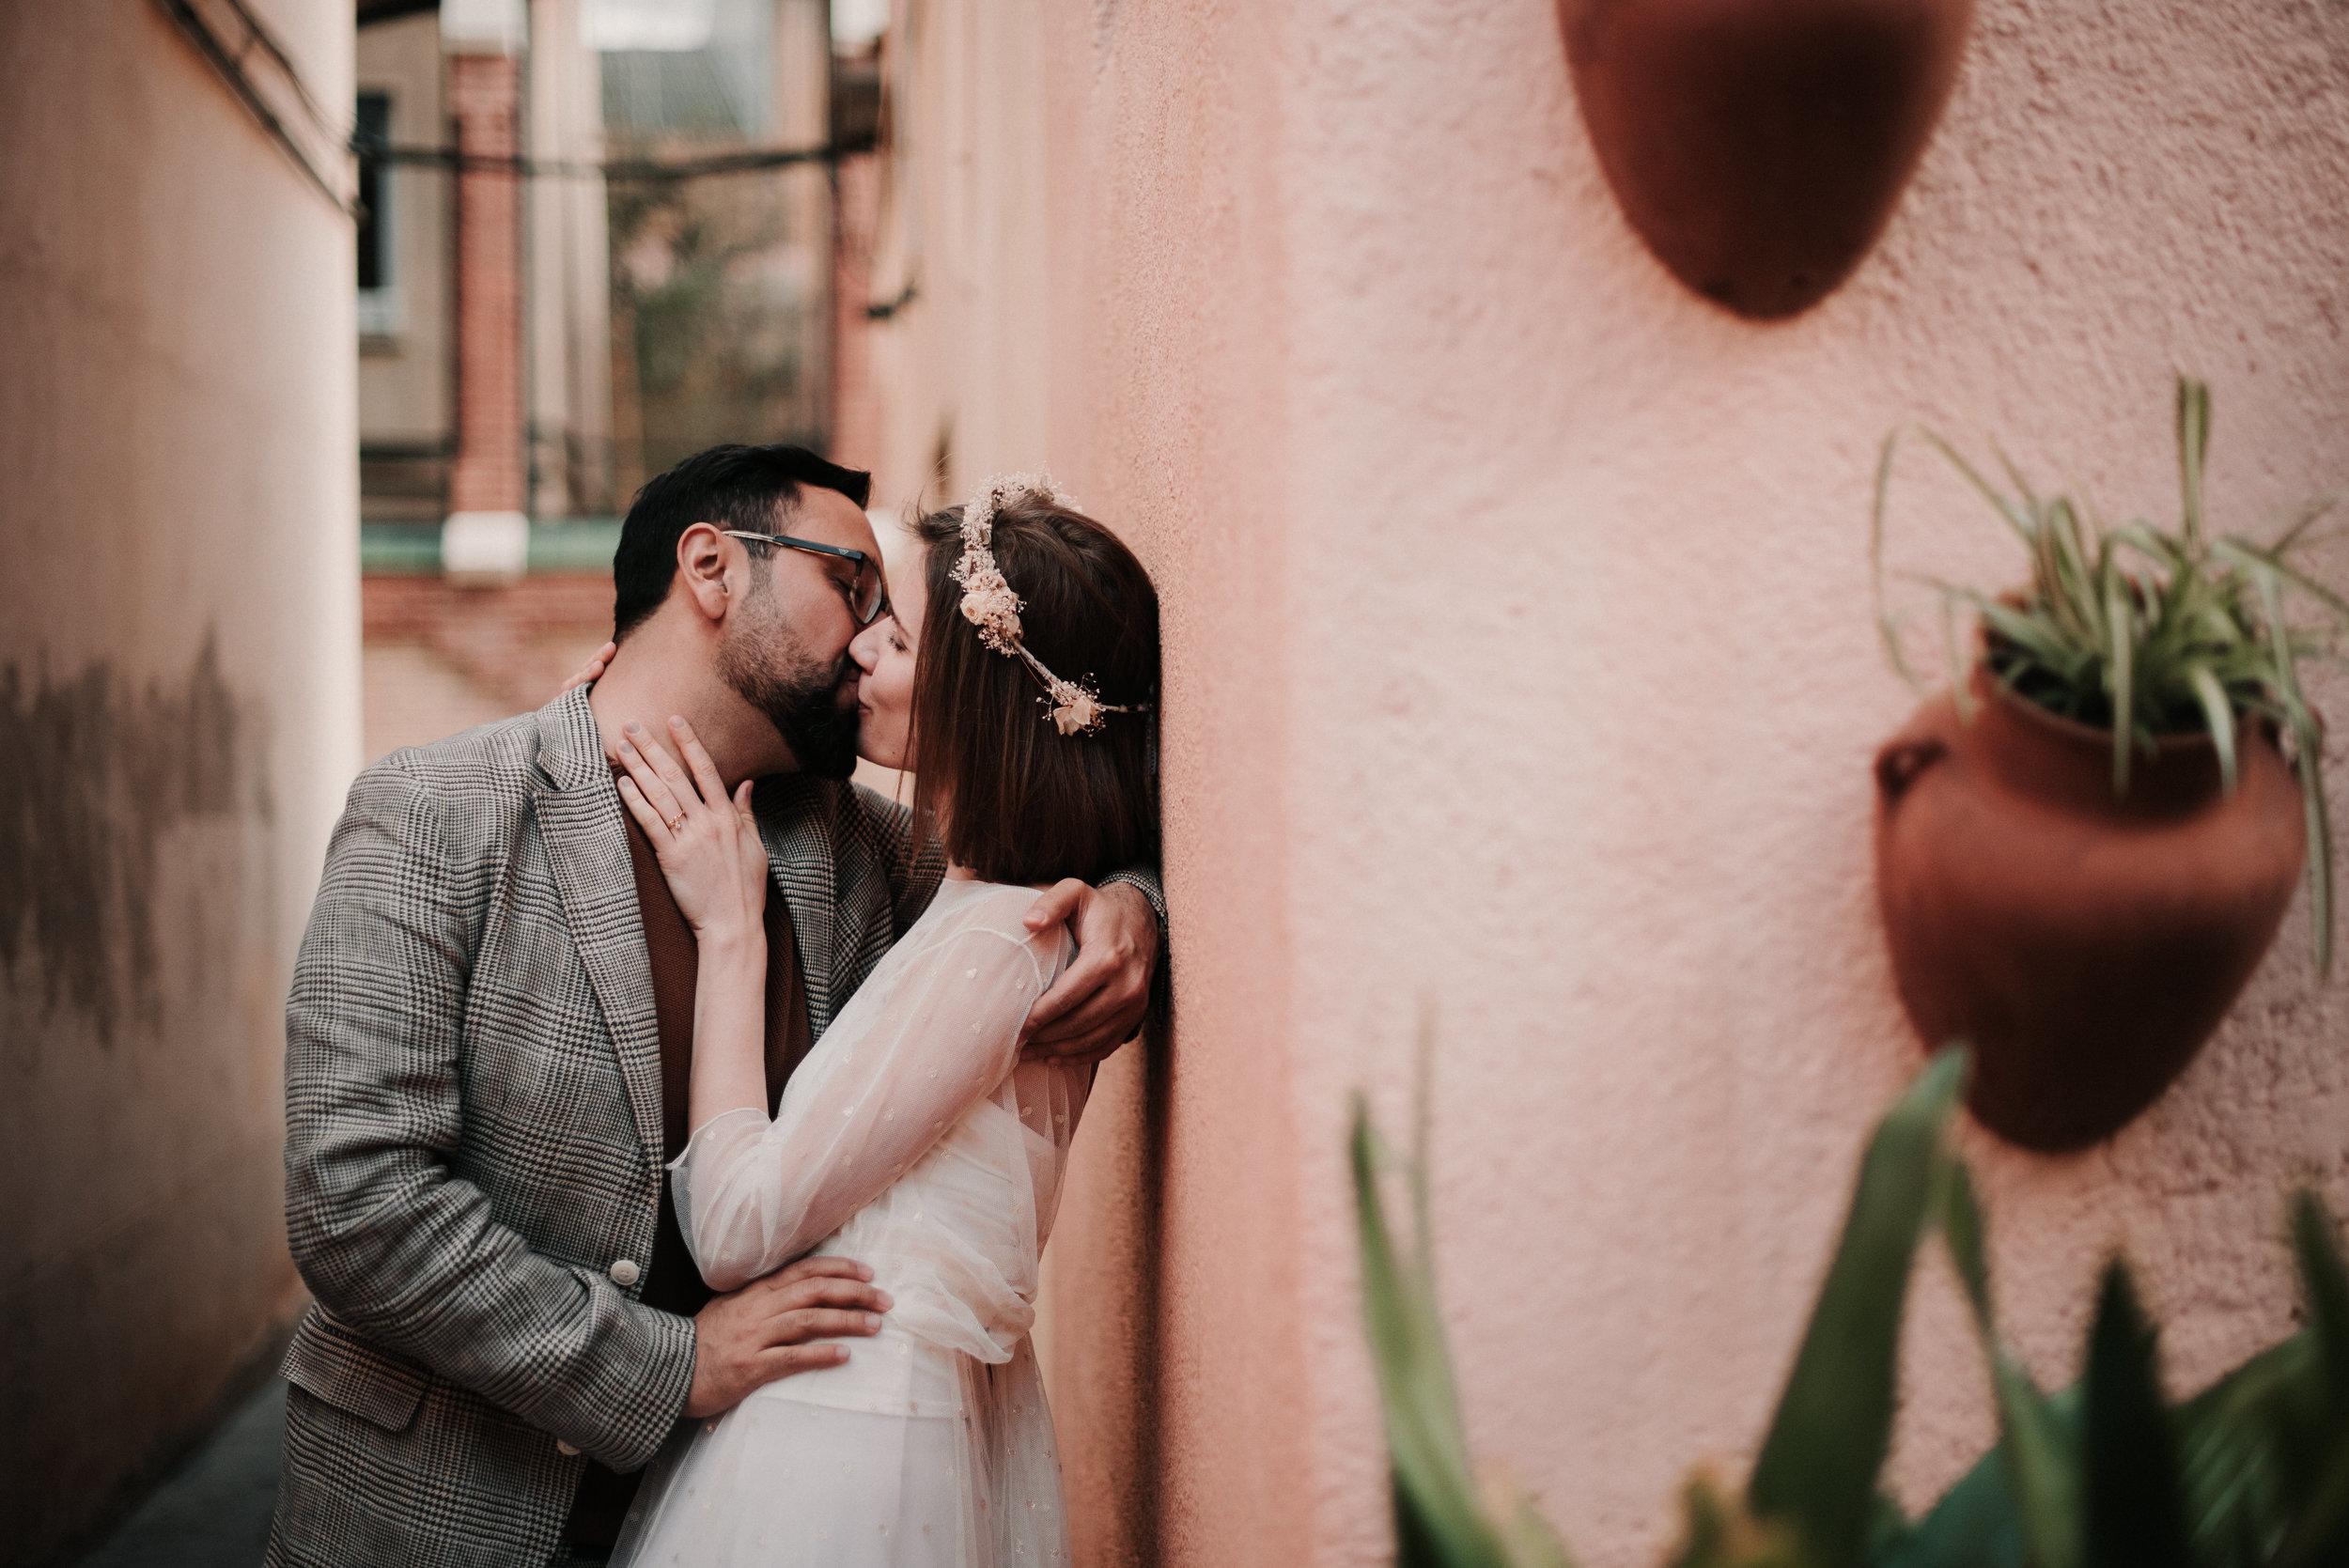 Léa-Fery-photographe-professionnel-lyon-rhone-alpes-portrait-creation-mariage-evenement-evenementiel-famille-4496.jpg